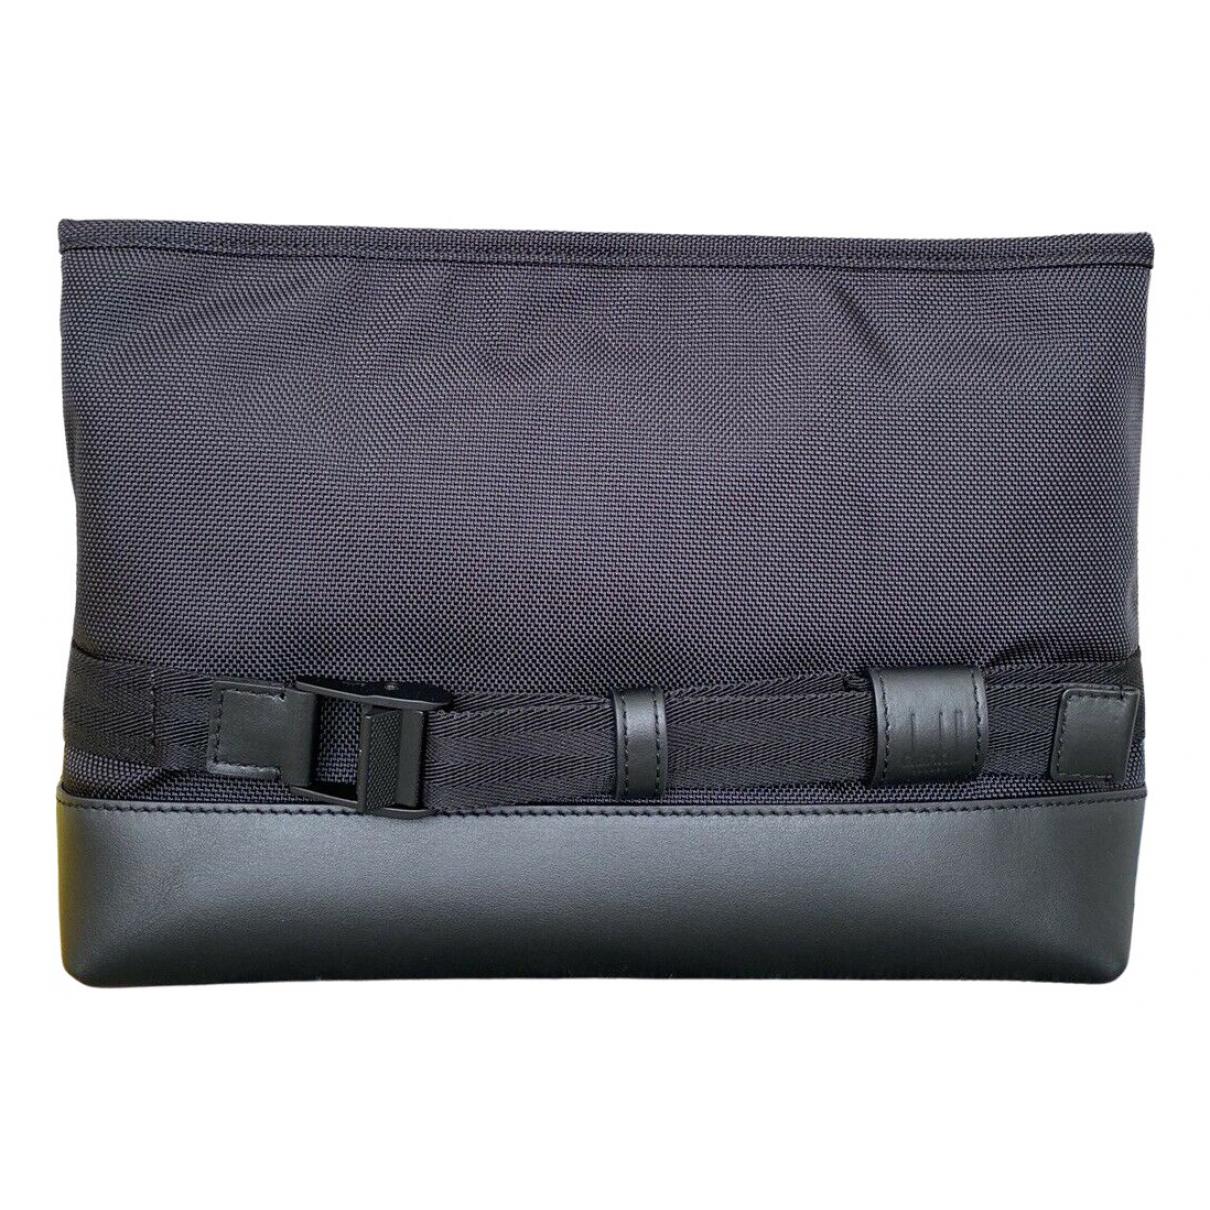 Alfred Dunhill \N Black Cotton bag for Men \N